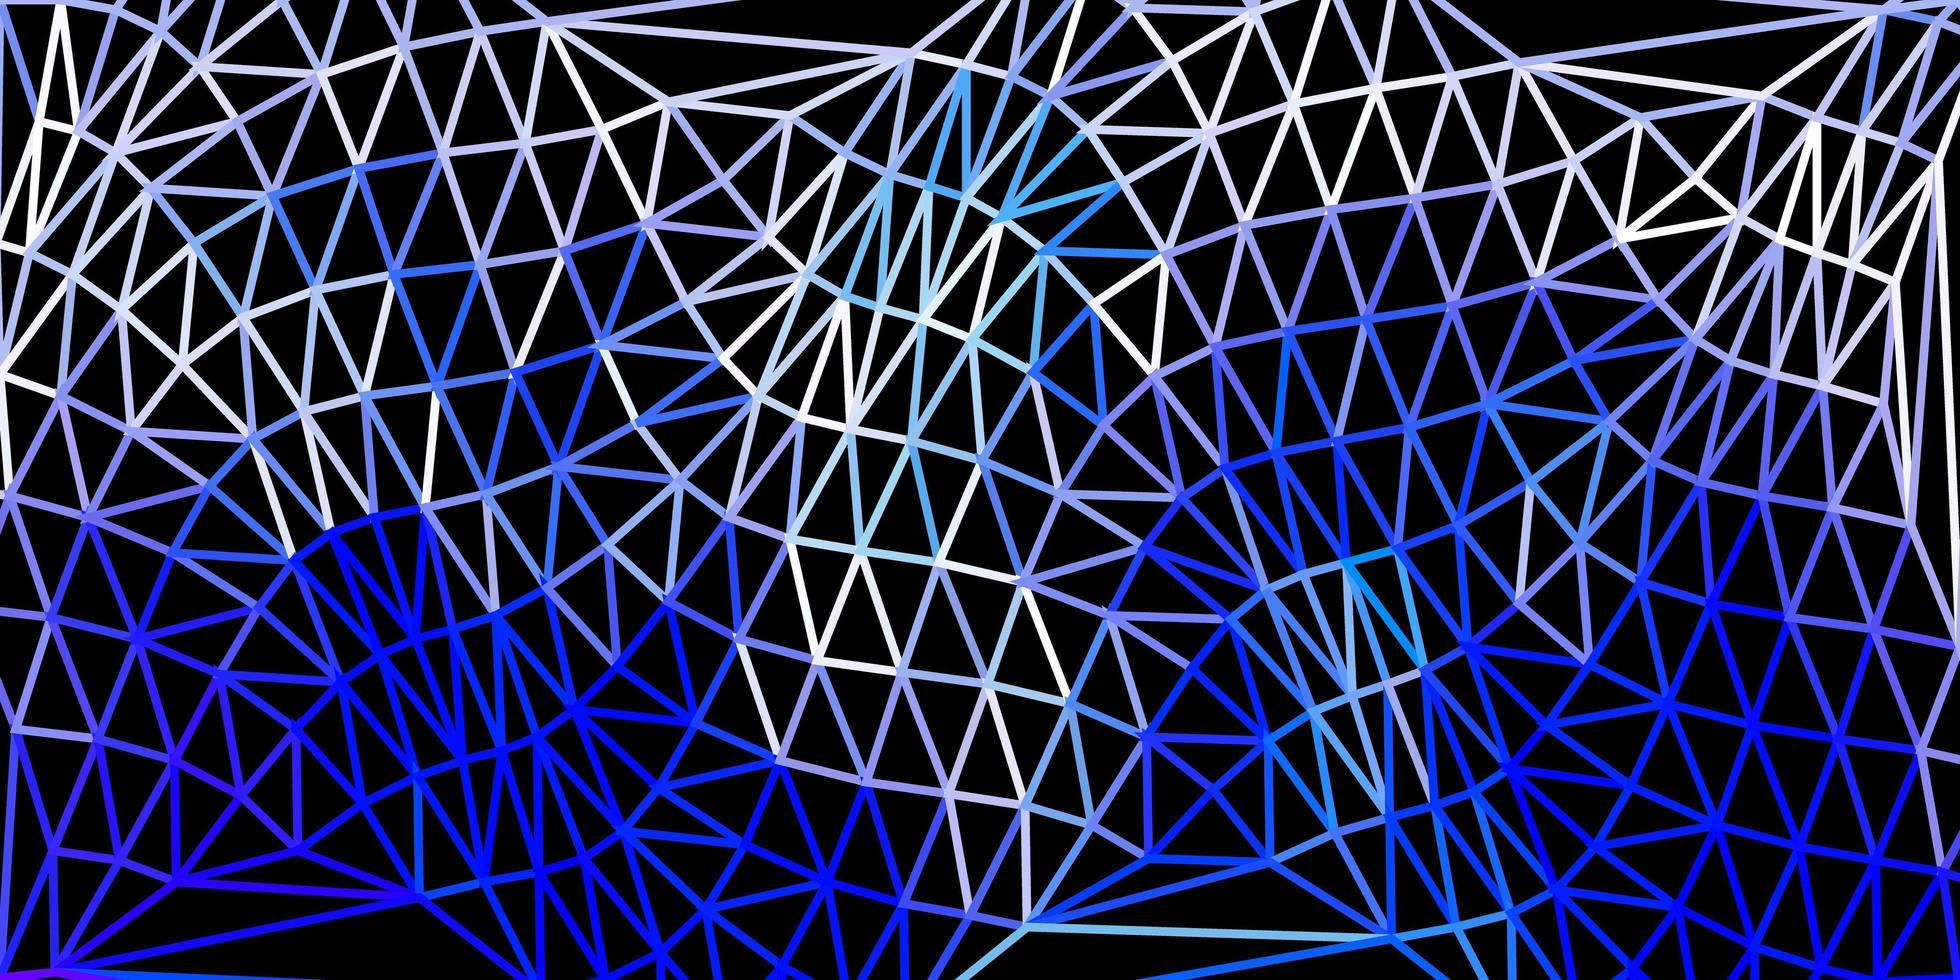 texture de polygone dégradé vecteur bleu foncé.